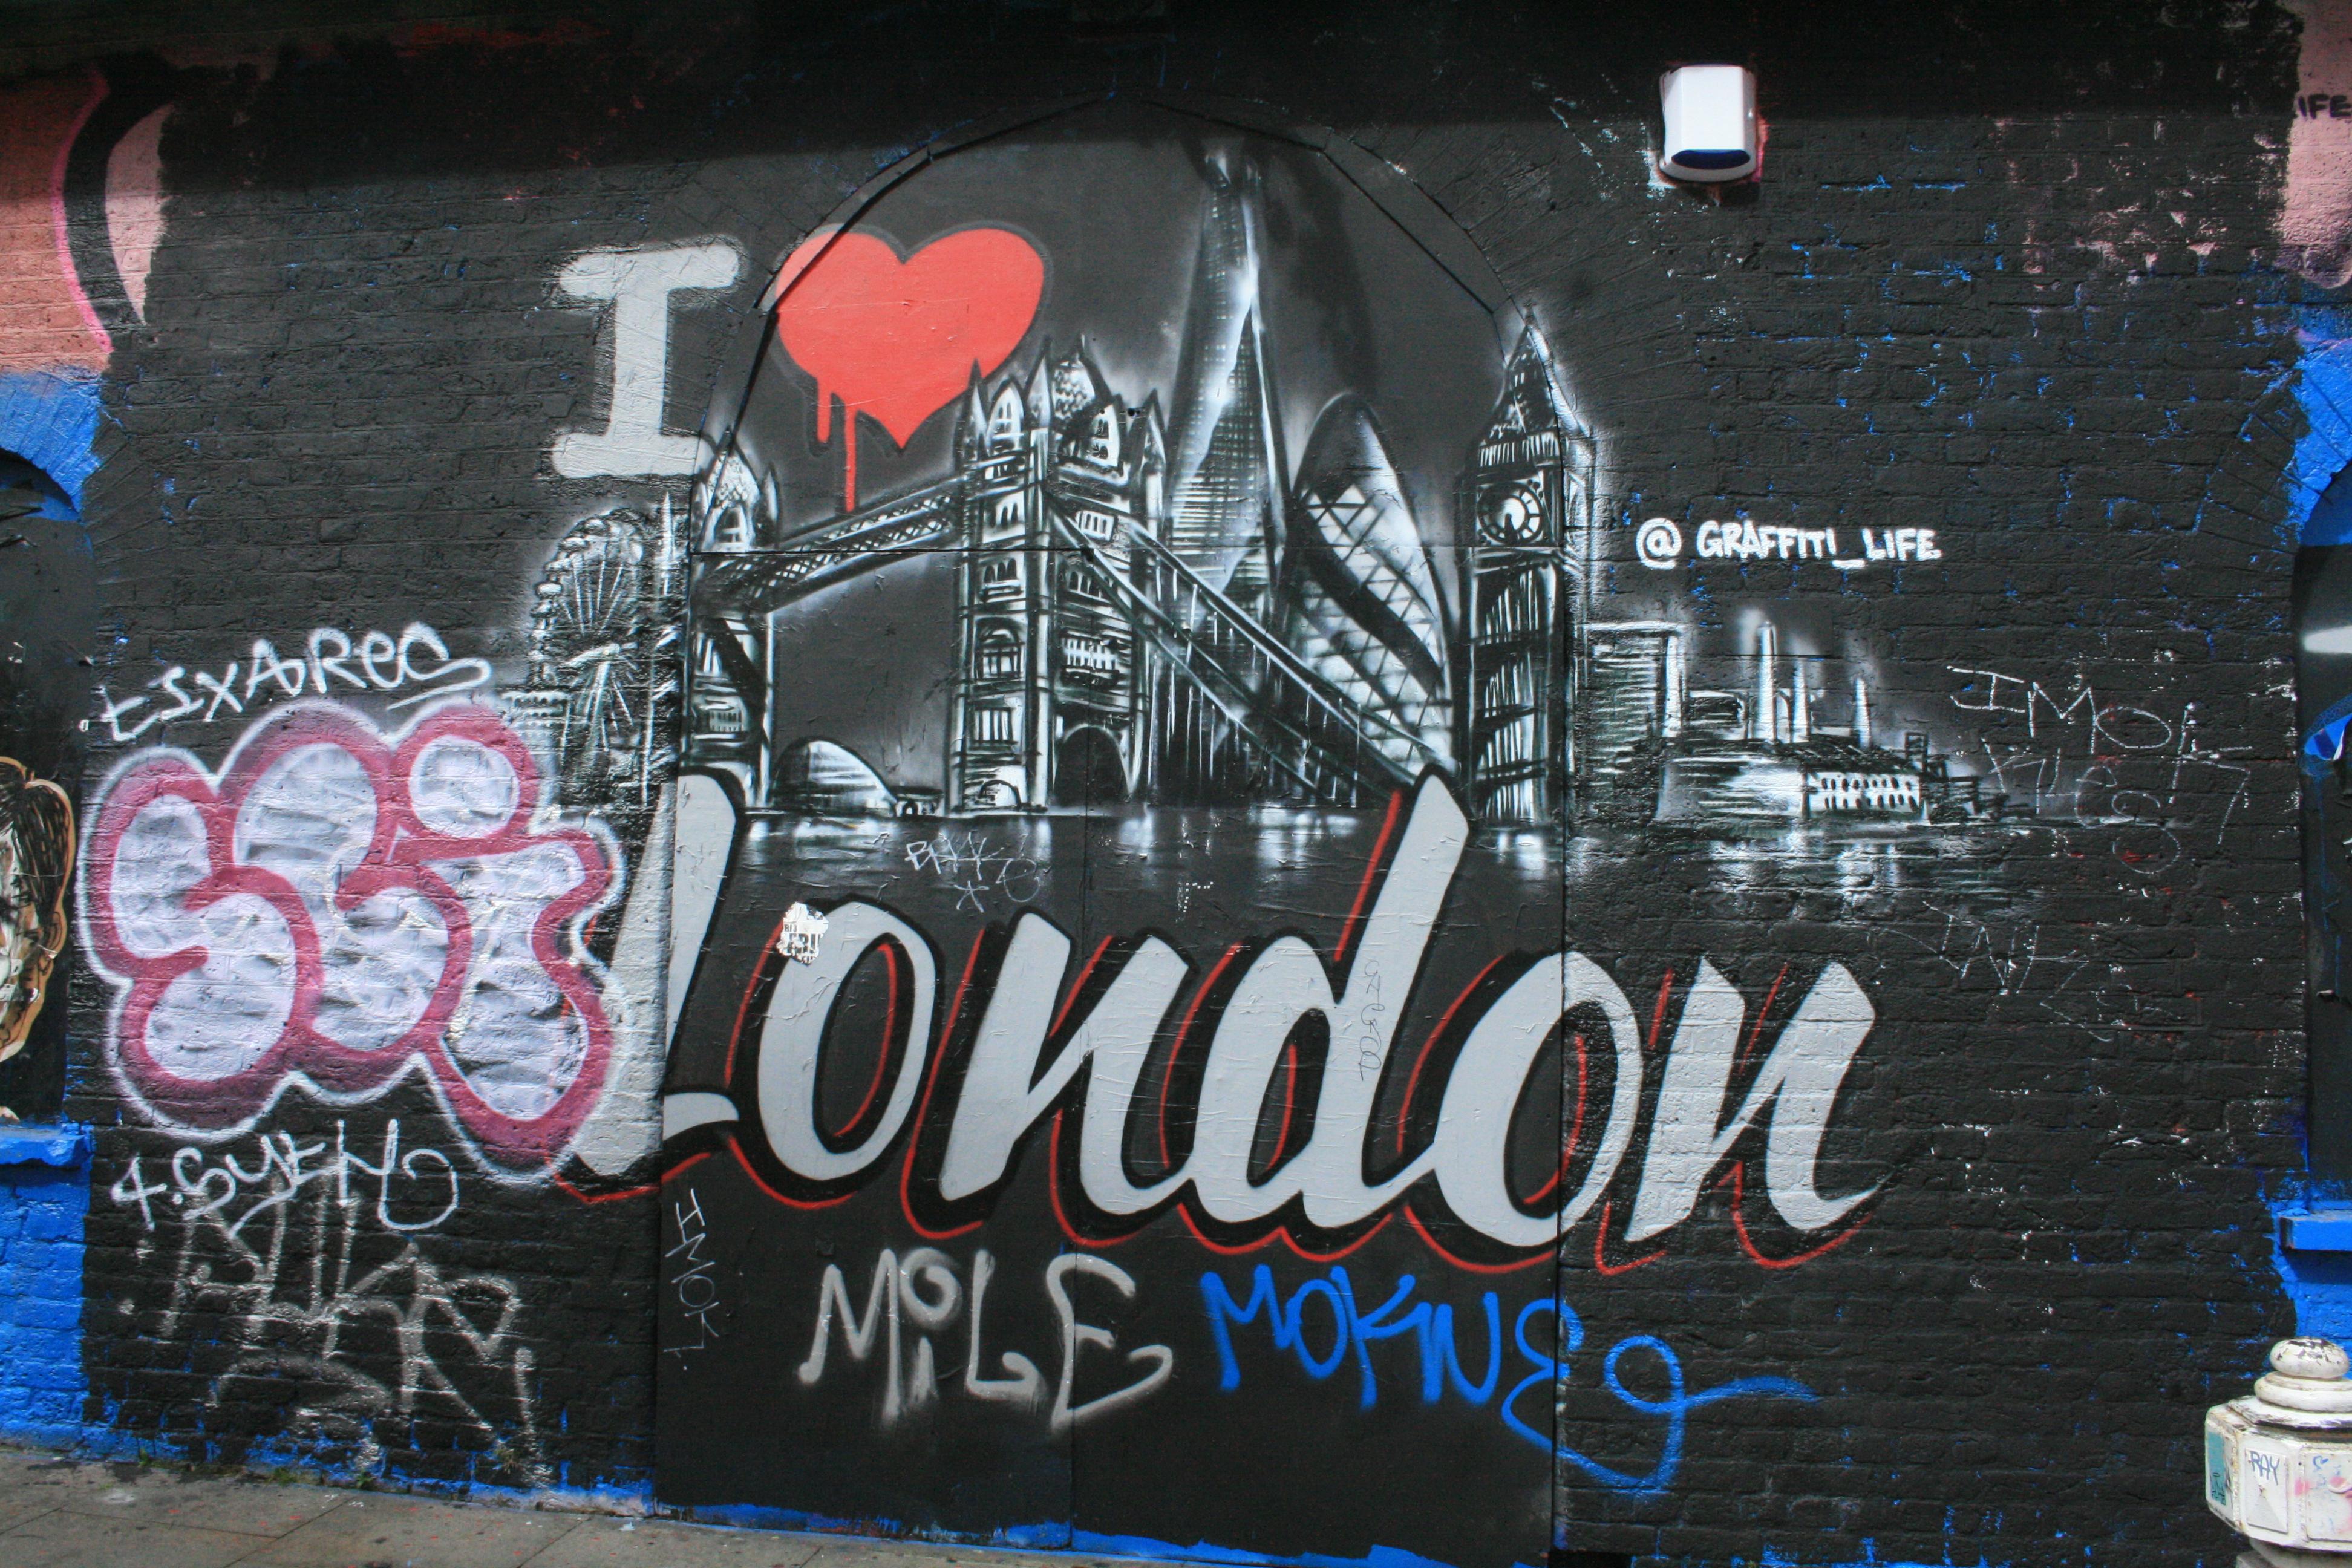 Ordinary Graffti #1: Graffiti_in_Shoreditch%2C_London_-_Graffiti_Life%2C_I_love_London_%2813820949013%29.jpg